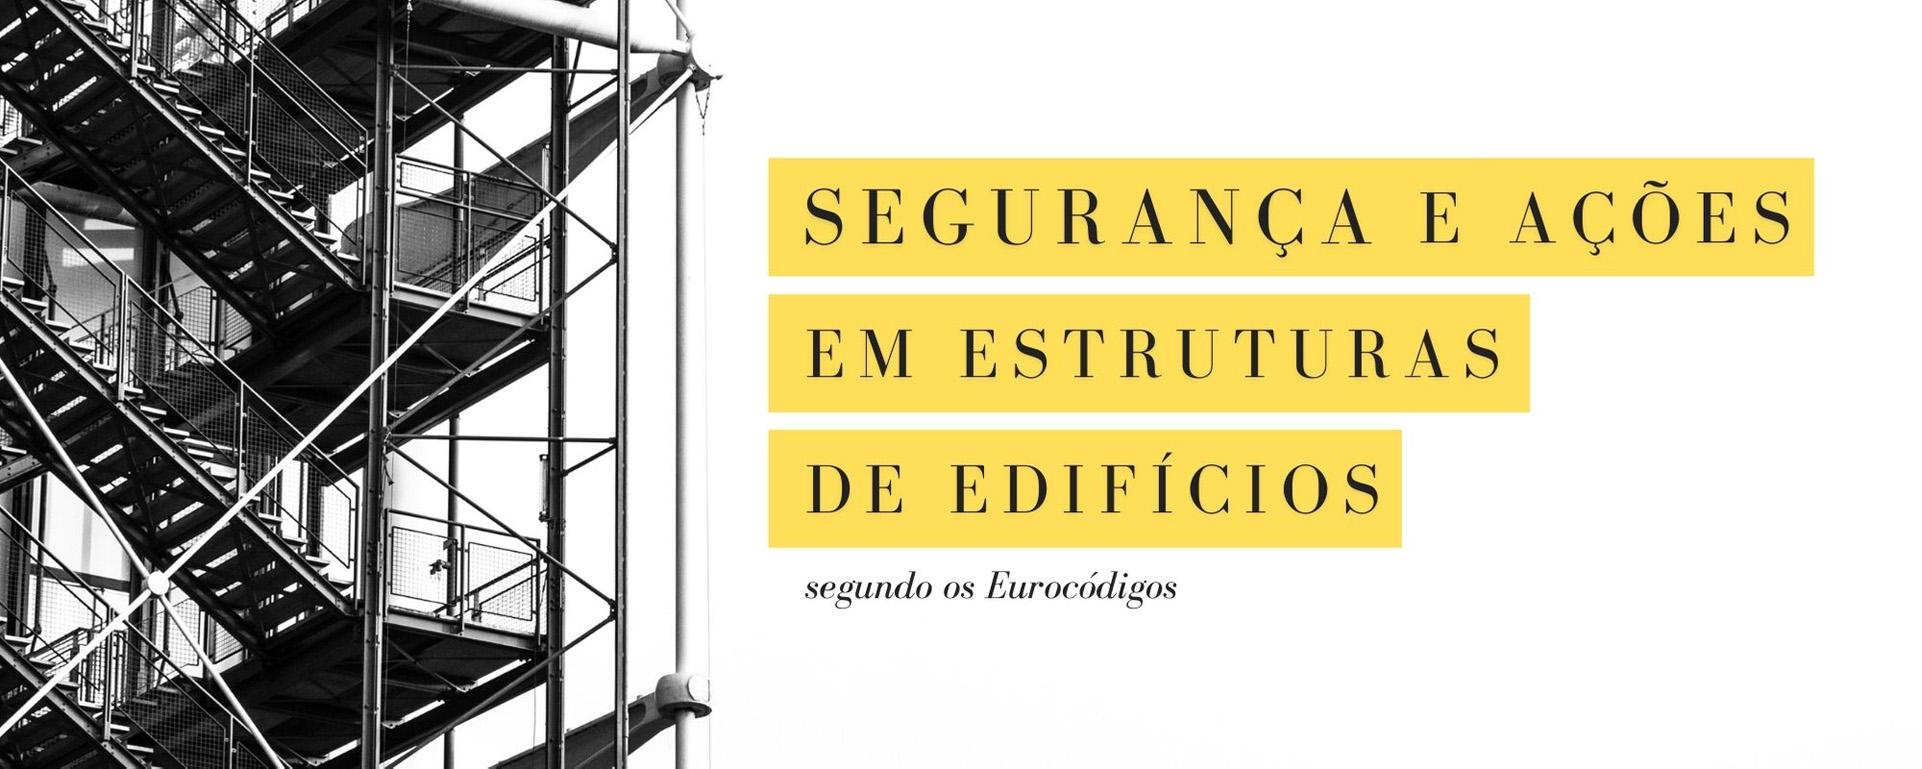 """Formação """"Segurança e ações em estruturas de edifícios segundo os Eurocódigos"""" - Cartaz"""